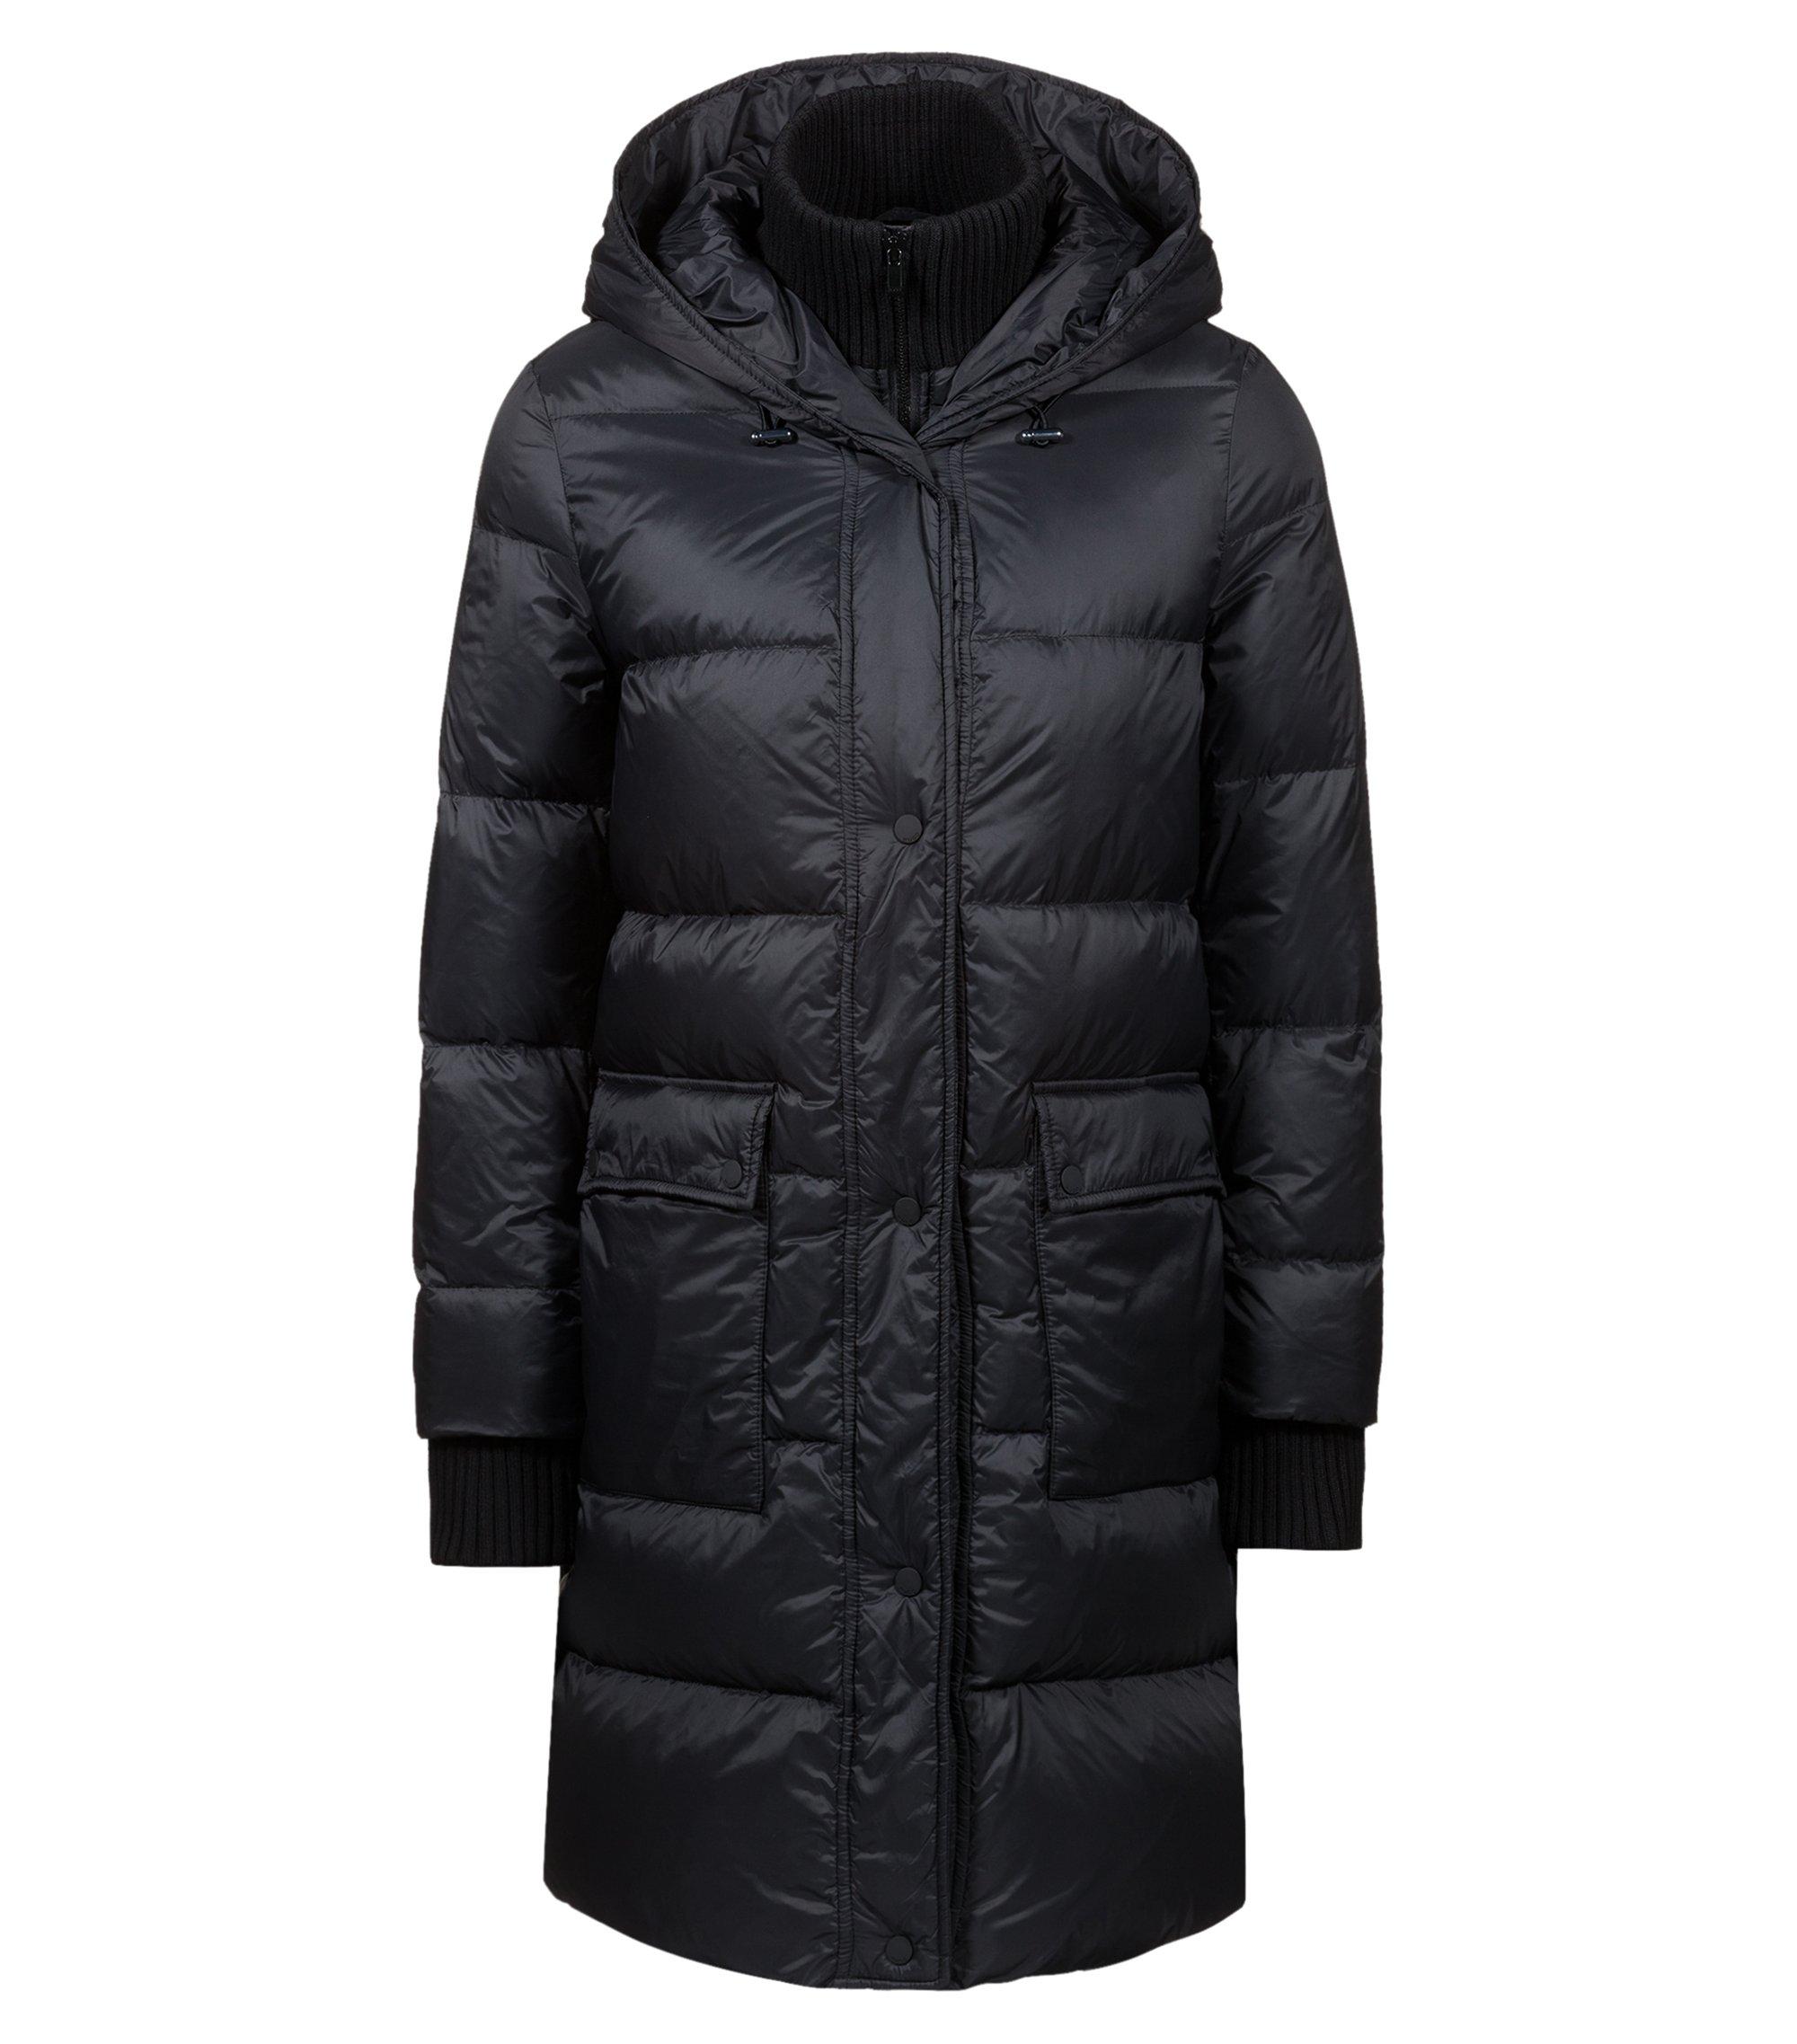 Waterafstotende mantel met donsvulling en gebreide inzet, Zwart